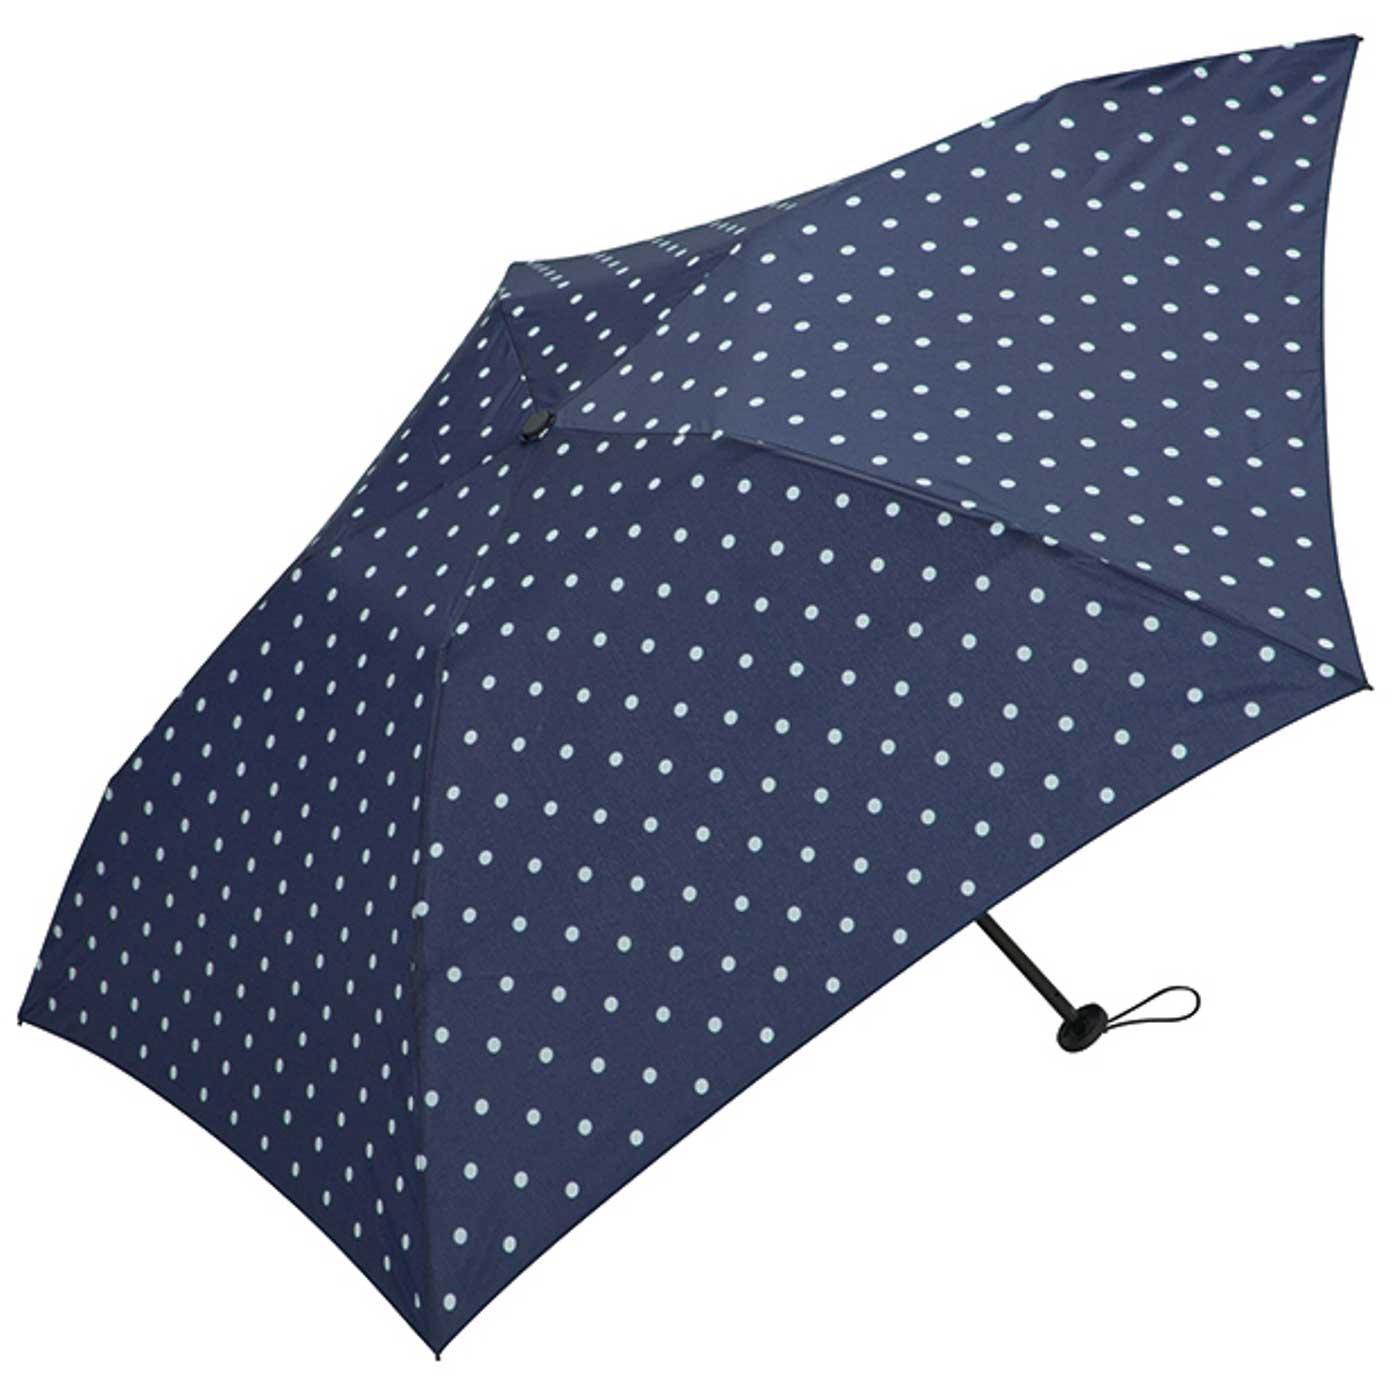 わずか約90g! コンパクトで持ち運びもらくらく 軽量折りたたみ傘